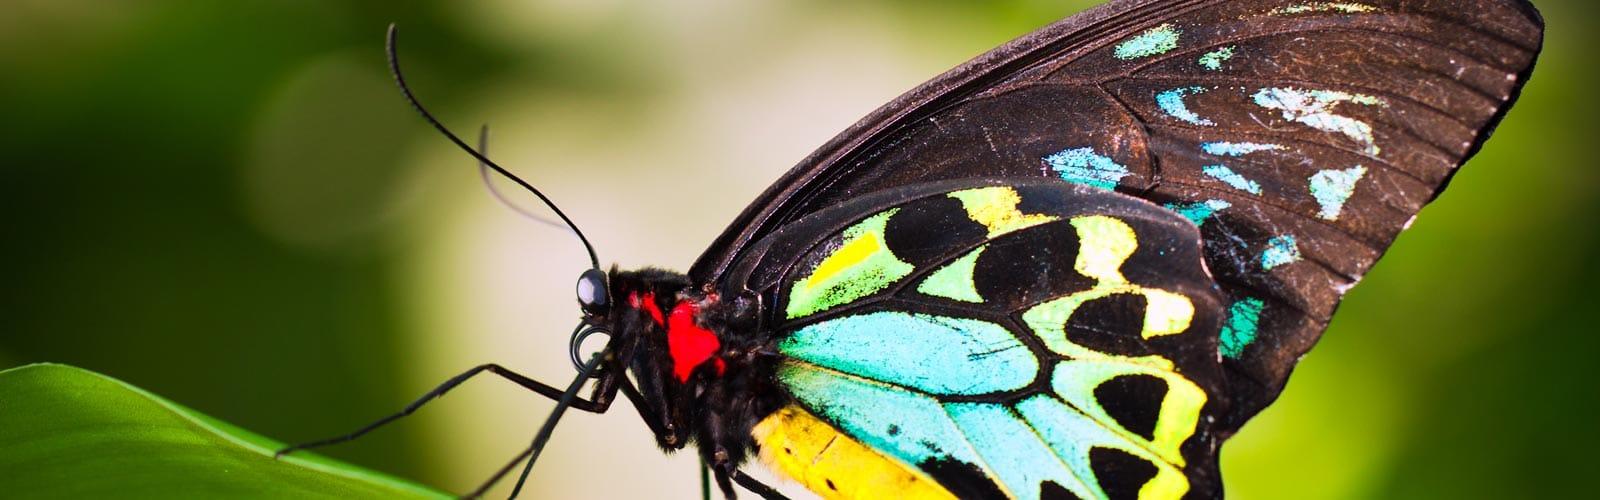 Macro Lens Butterfly